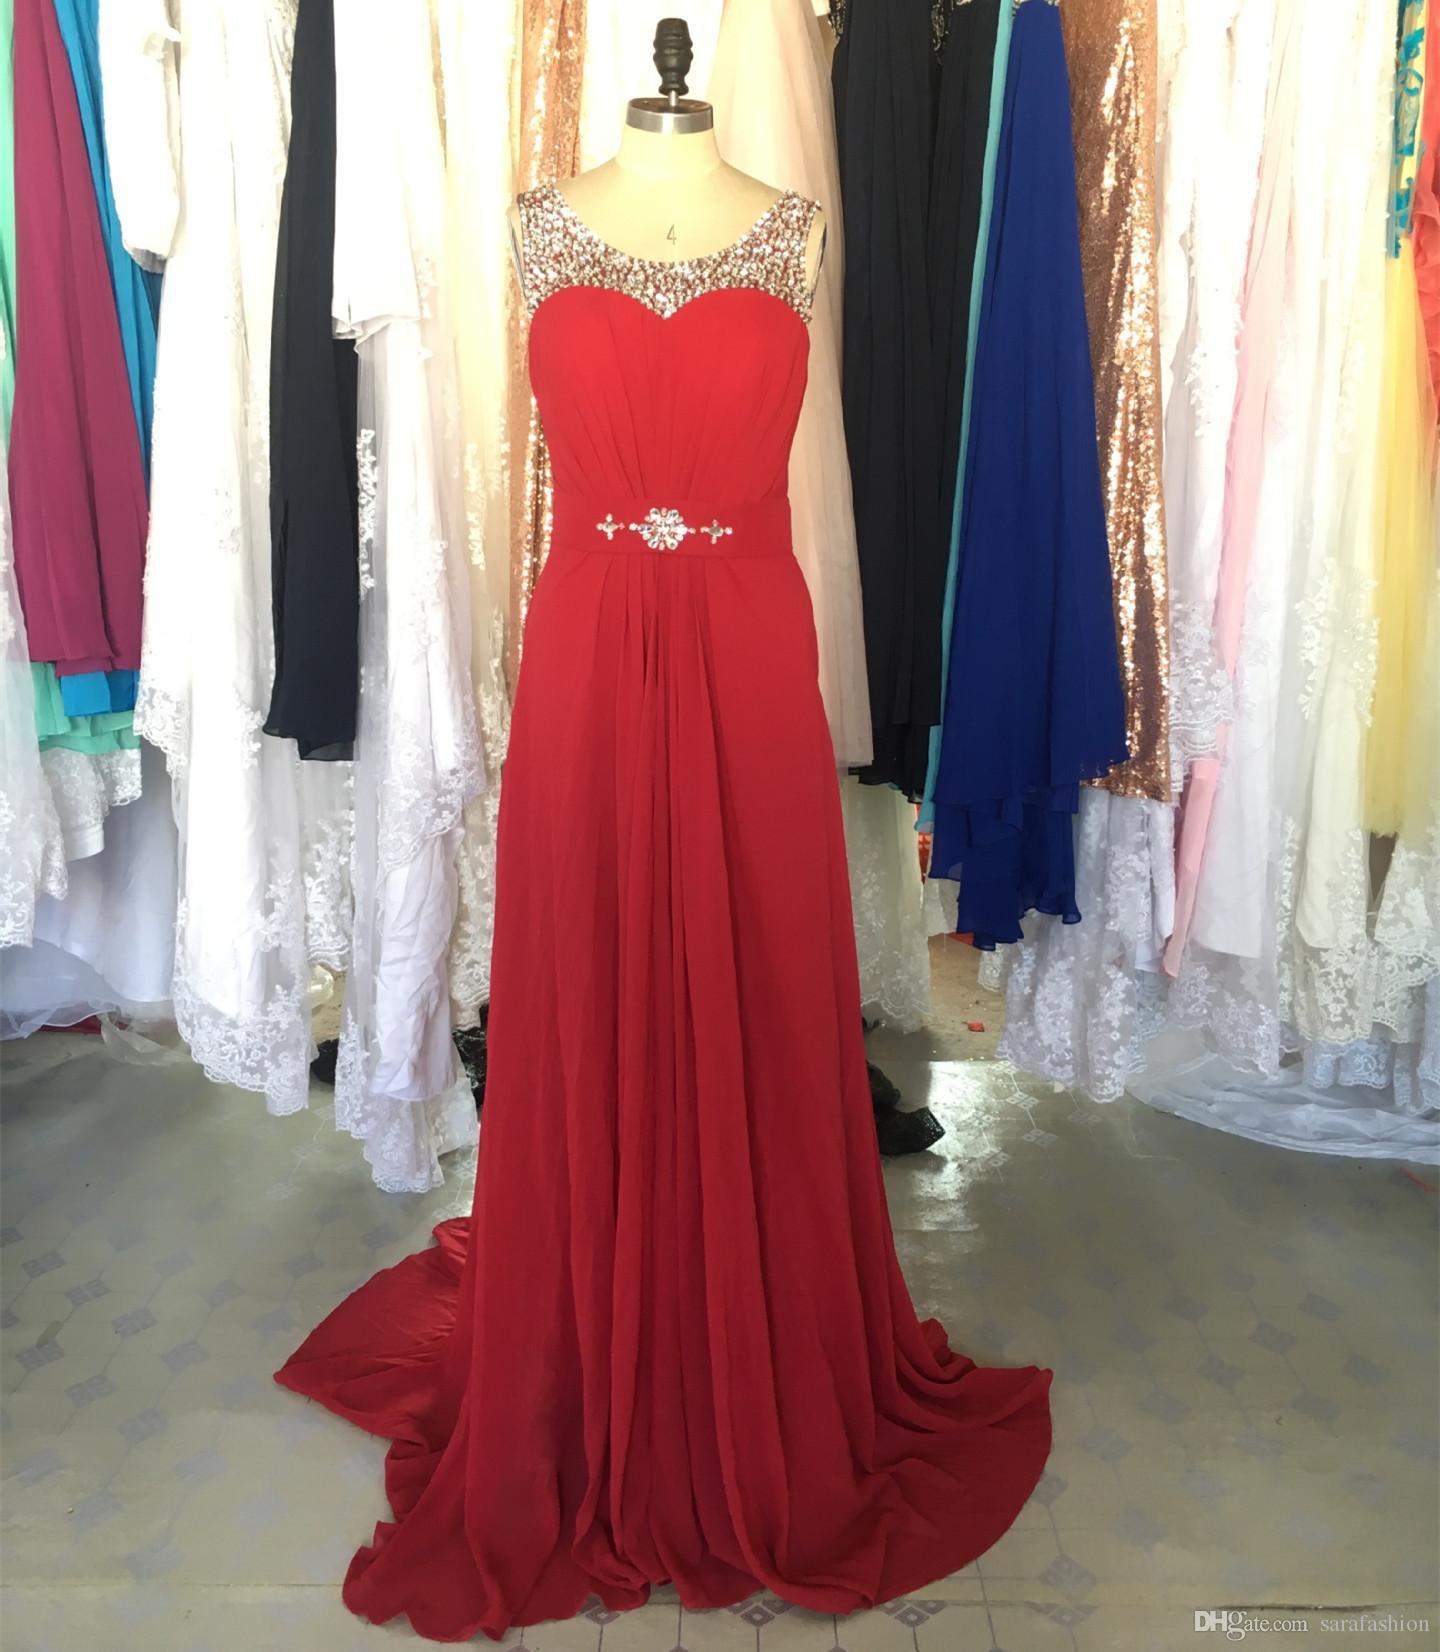 Frisado Colher Pescoço Chiffon Vestido de Noite 2019 Vermelho Escuro Longos Vestidos de Baile Elegante Bainha Vestido de Noite